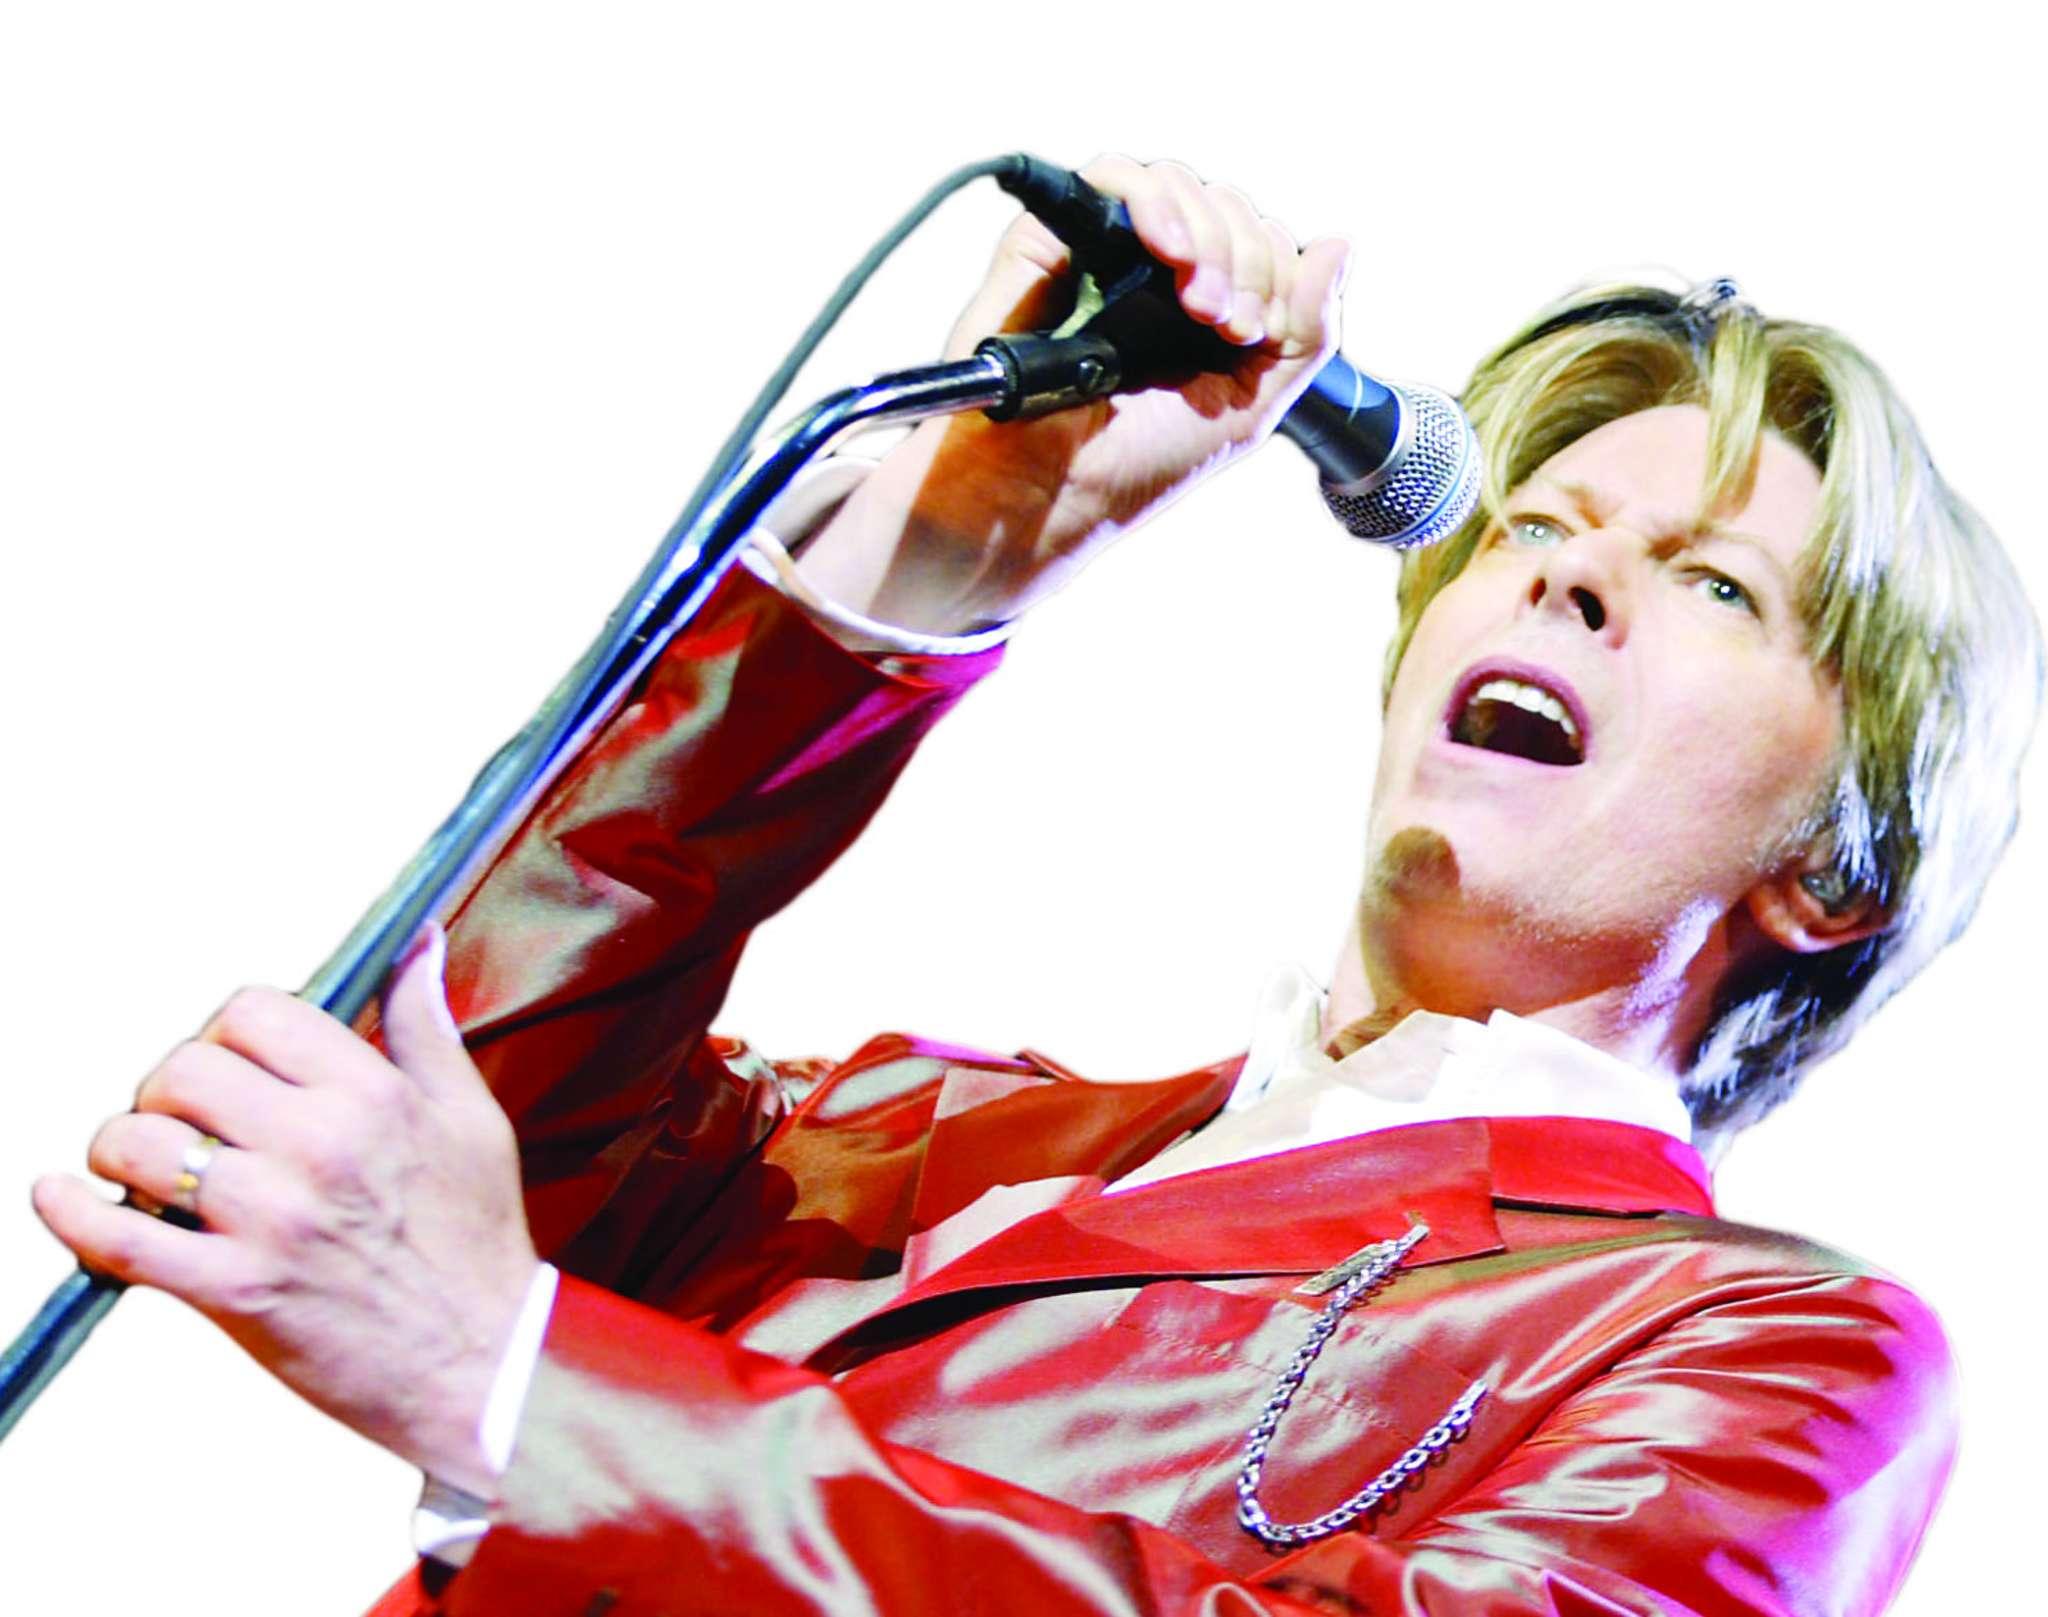 Bowie: Art auction